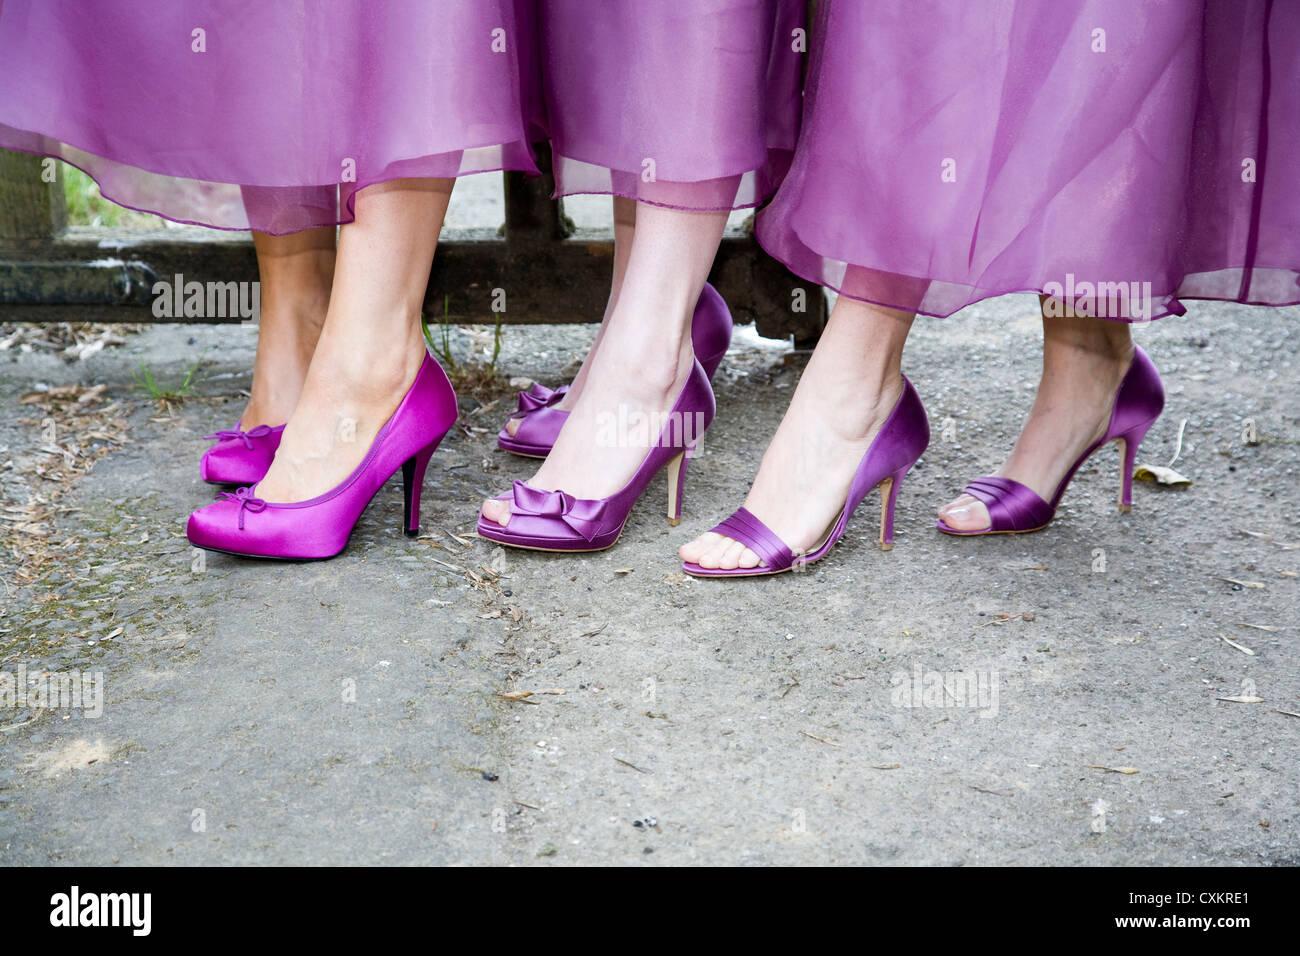 Bridesmaid los pies y los tobillos con zapatos de tacón alto color púrpura, mostrando los dobladillos Imagen De Stock